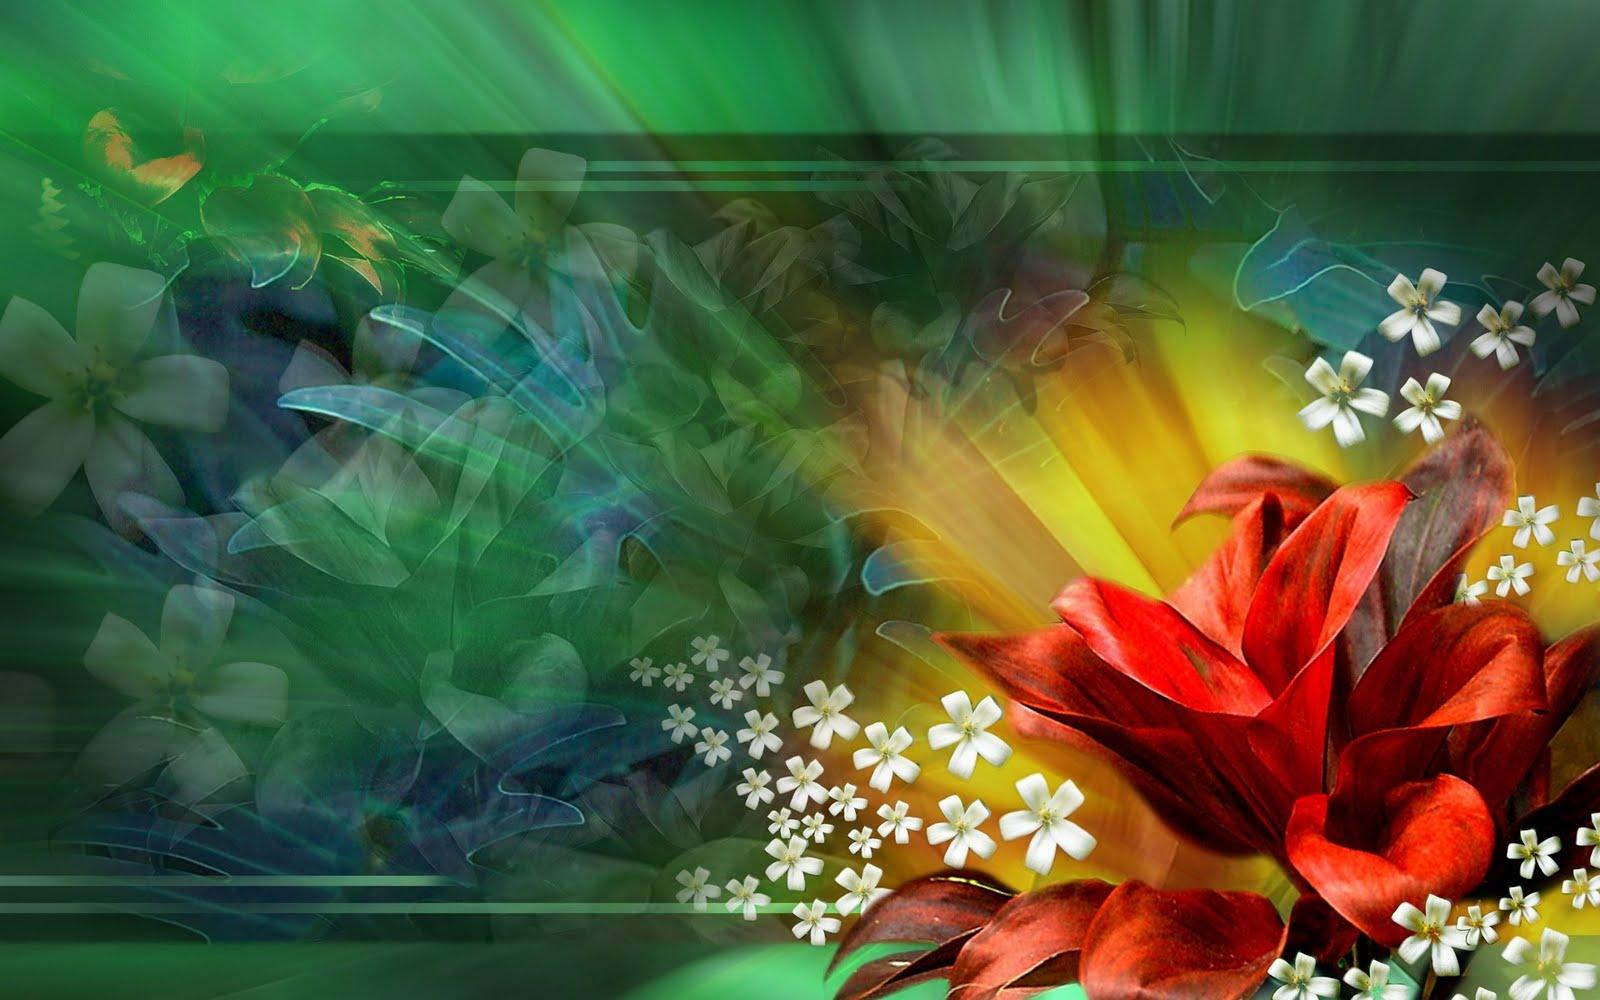 http://1.bp.blogspot.com/_2IU2Nt4rD1k/THZ1ddHLxEI/AAAAAAAACBc/GOKJgvWBRDU/s1600/flowers_wallpapers_8.jpg